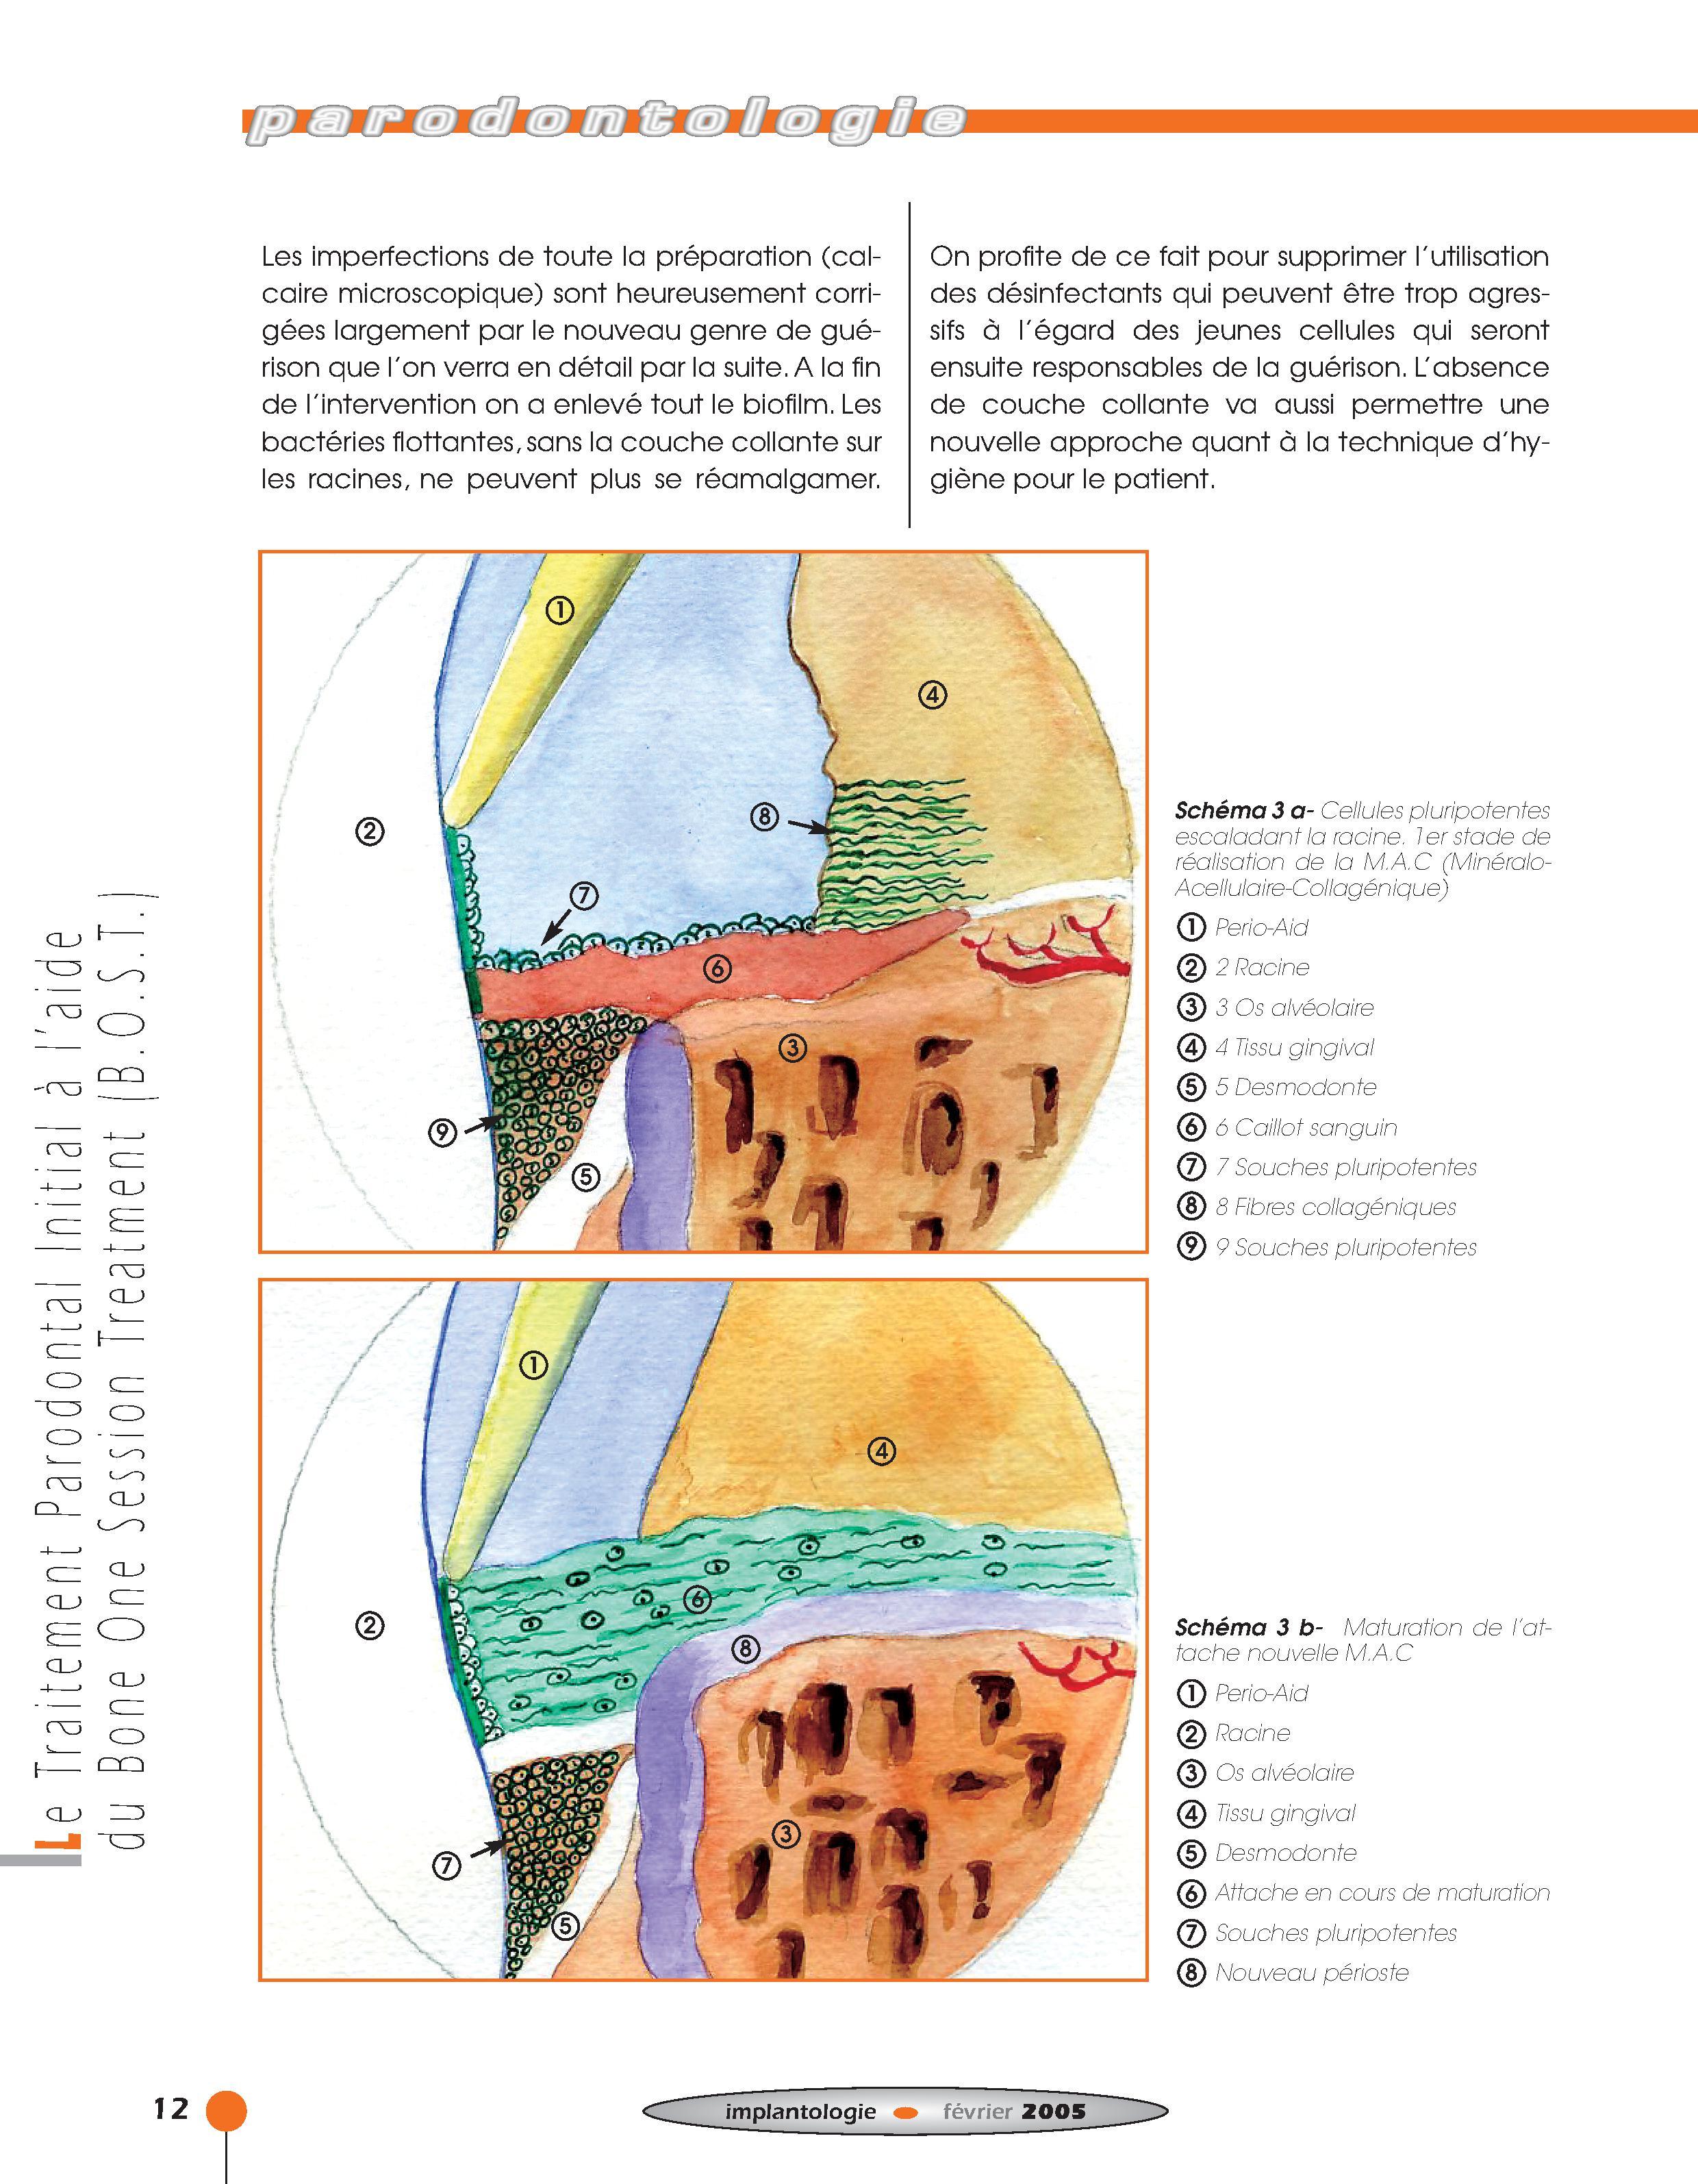 Implantologie BOST Article 14 BLZ-6.jpg